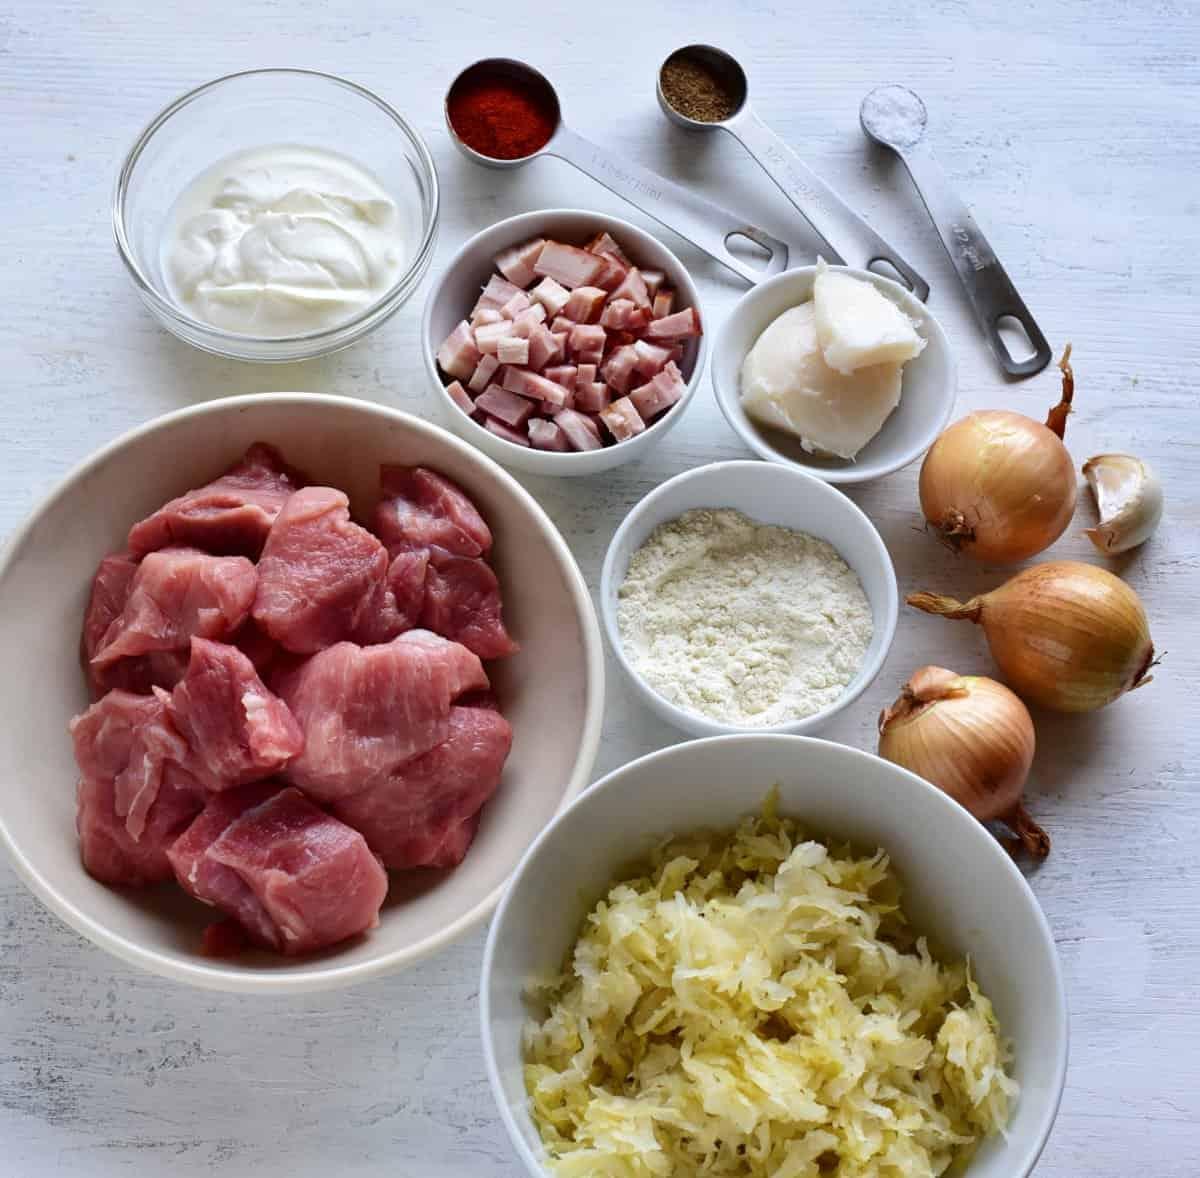 segedínský guláš ingredients